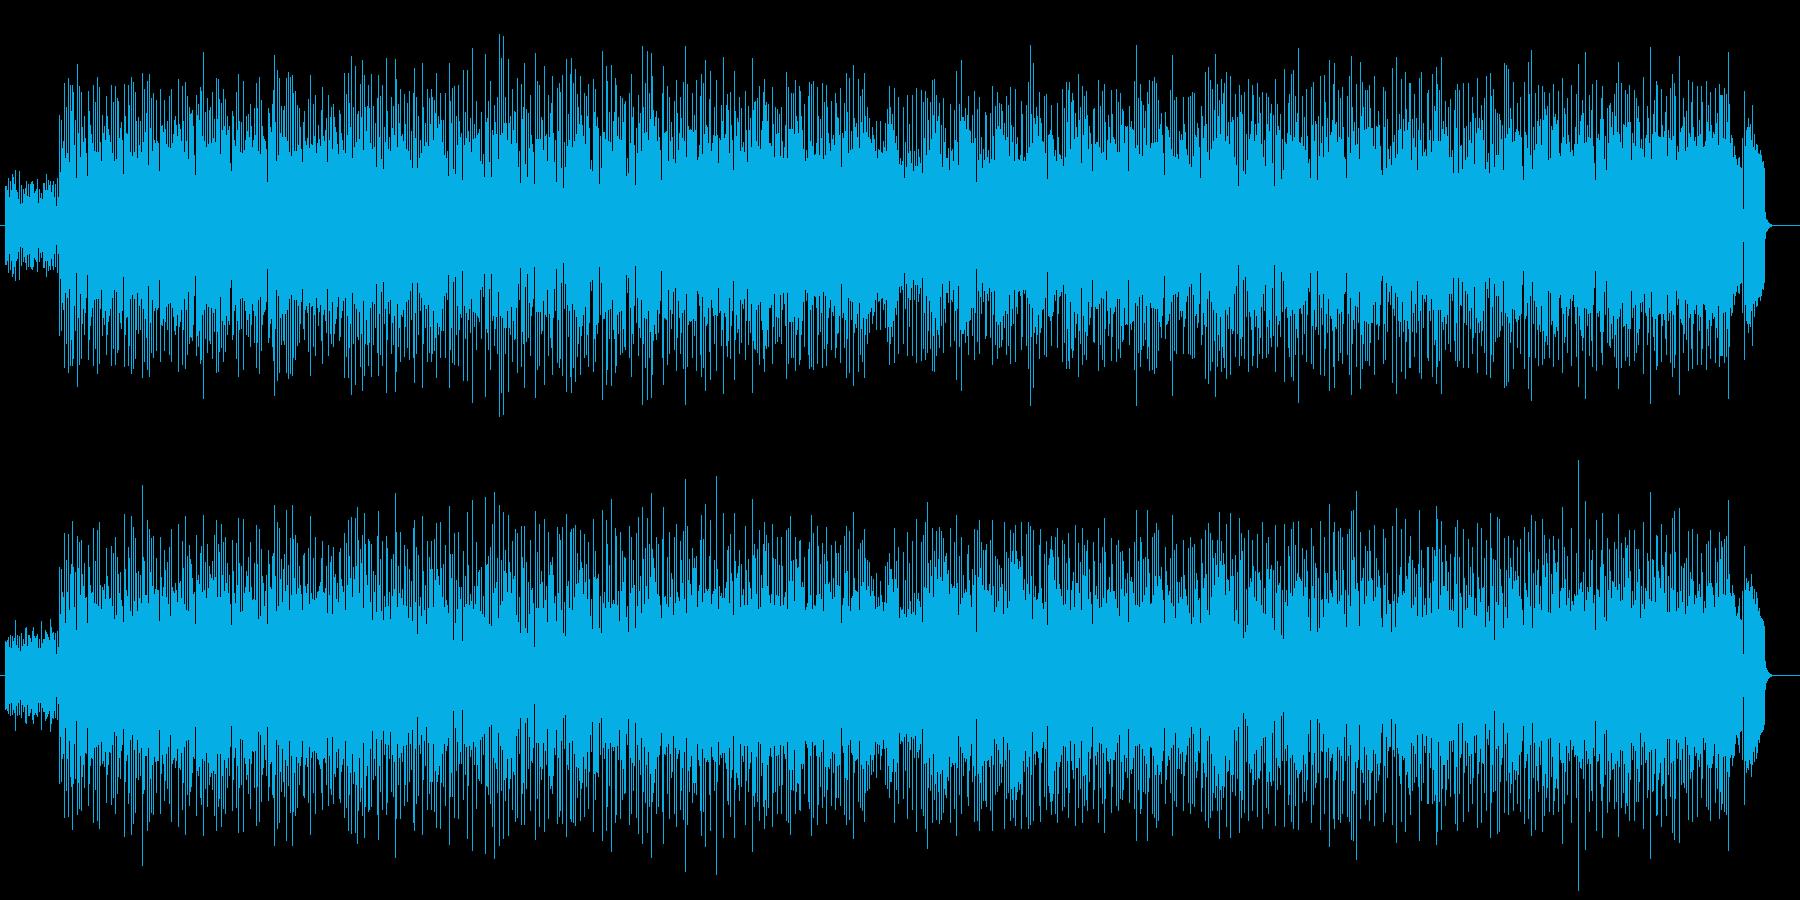 アップテンポシンセサイザー曲の再生済みの波形